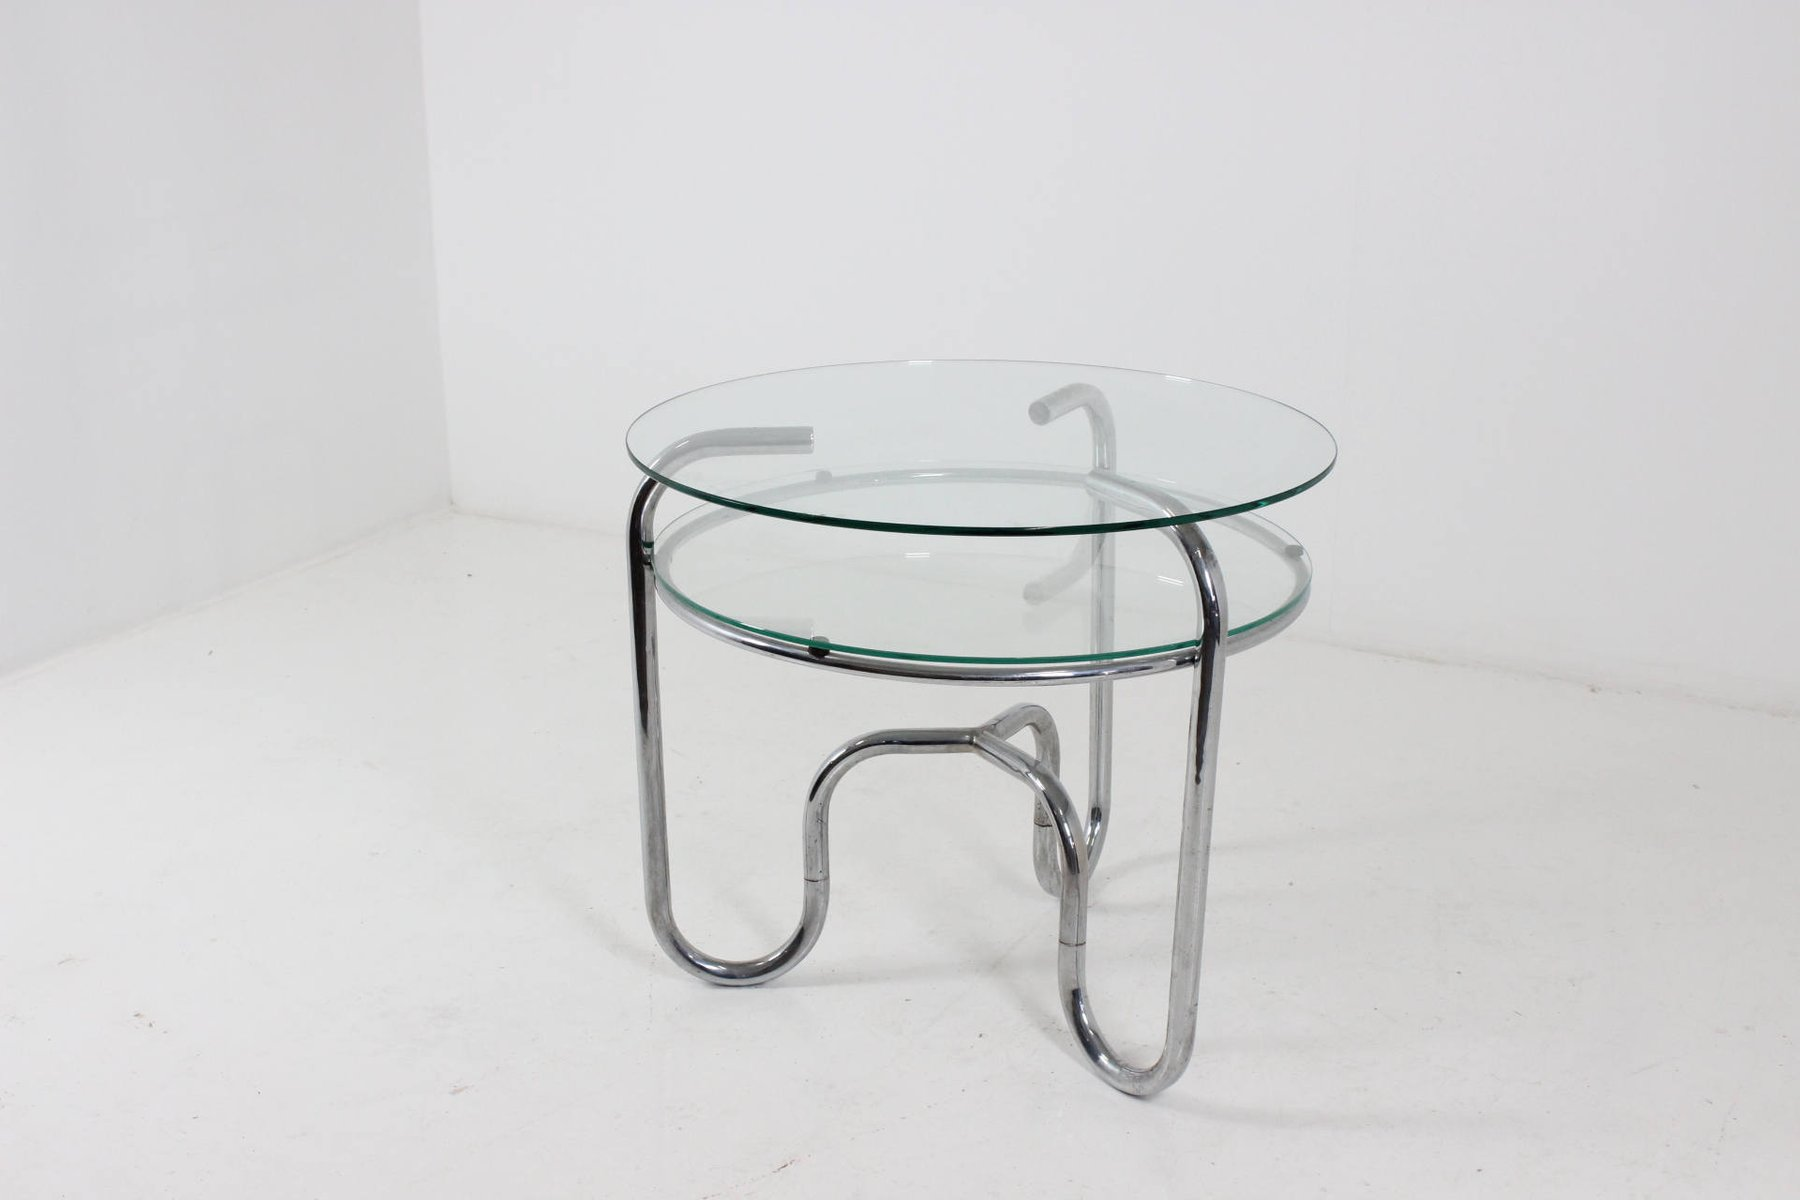 Vintage Czech Tubular Steel Chrome And Glass Table, 1930s